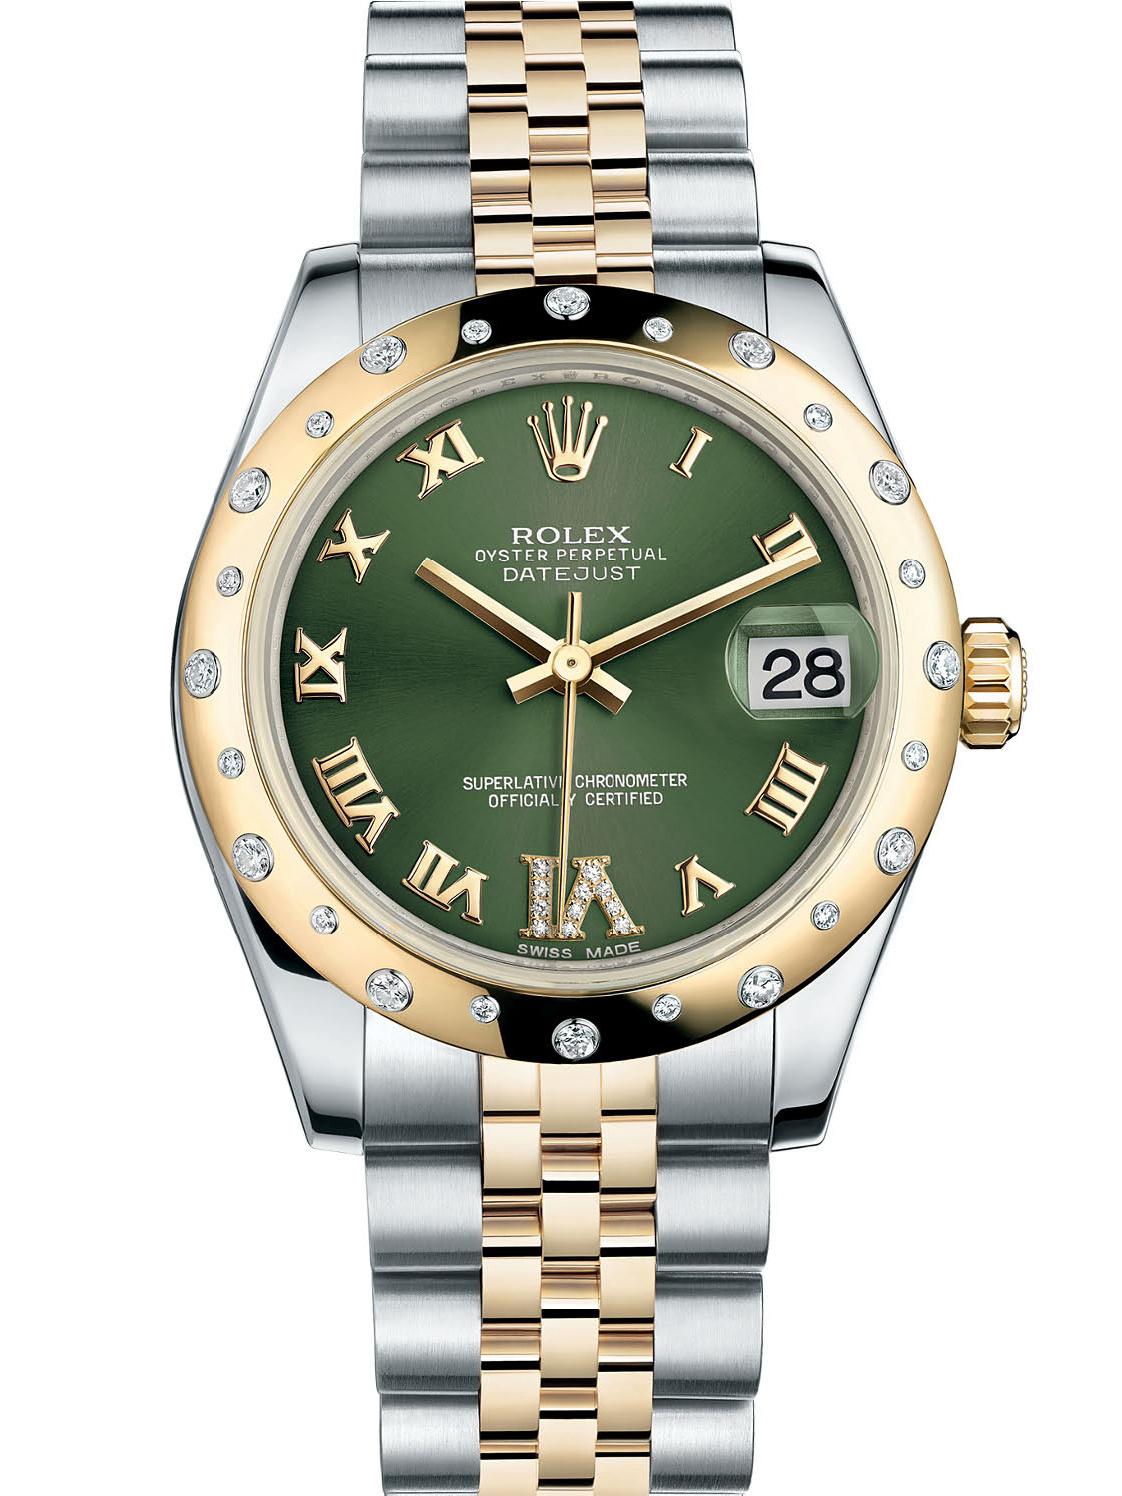 劳力士女装日志型31黄金钢光圈镶钻绿面罗马字女表178343-0011